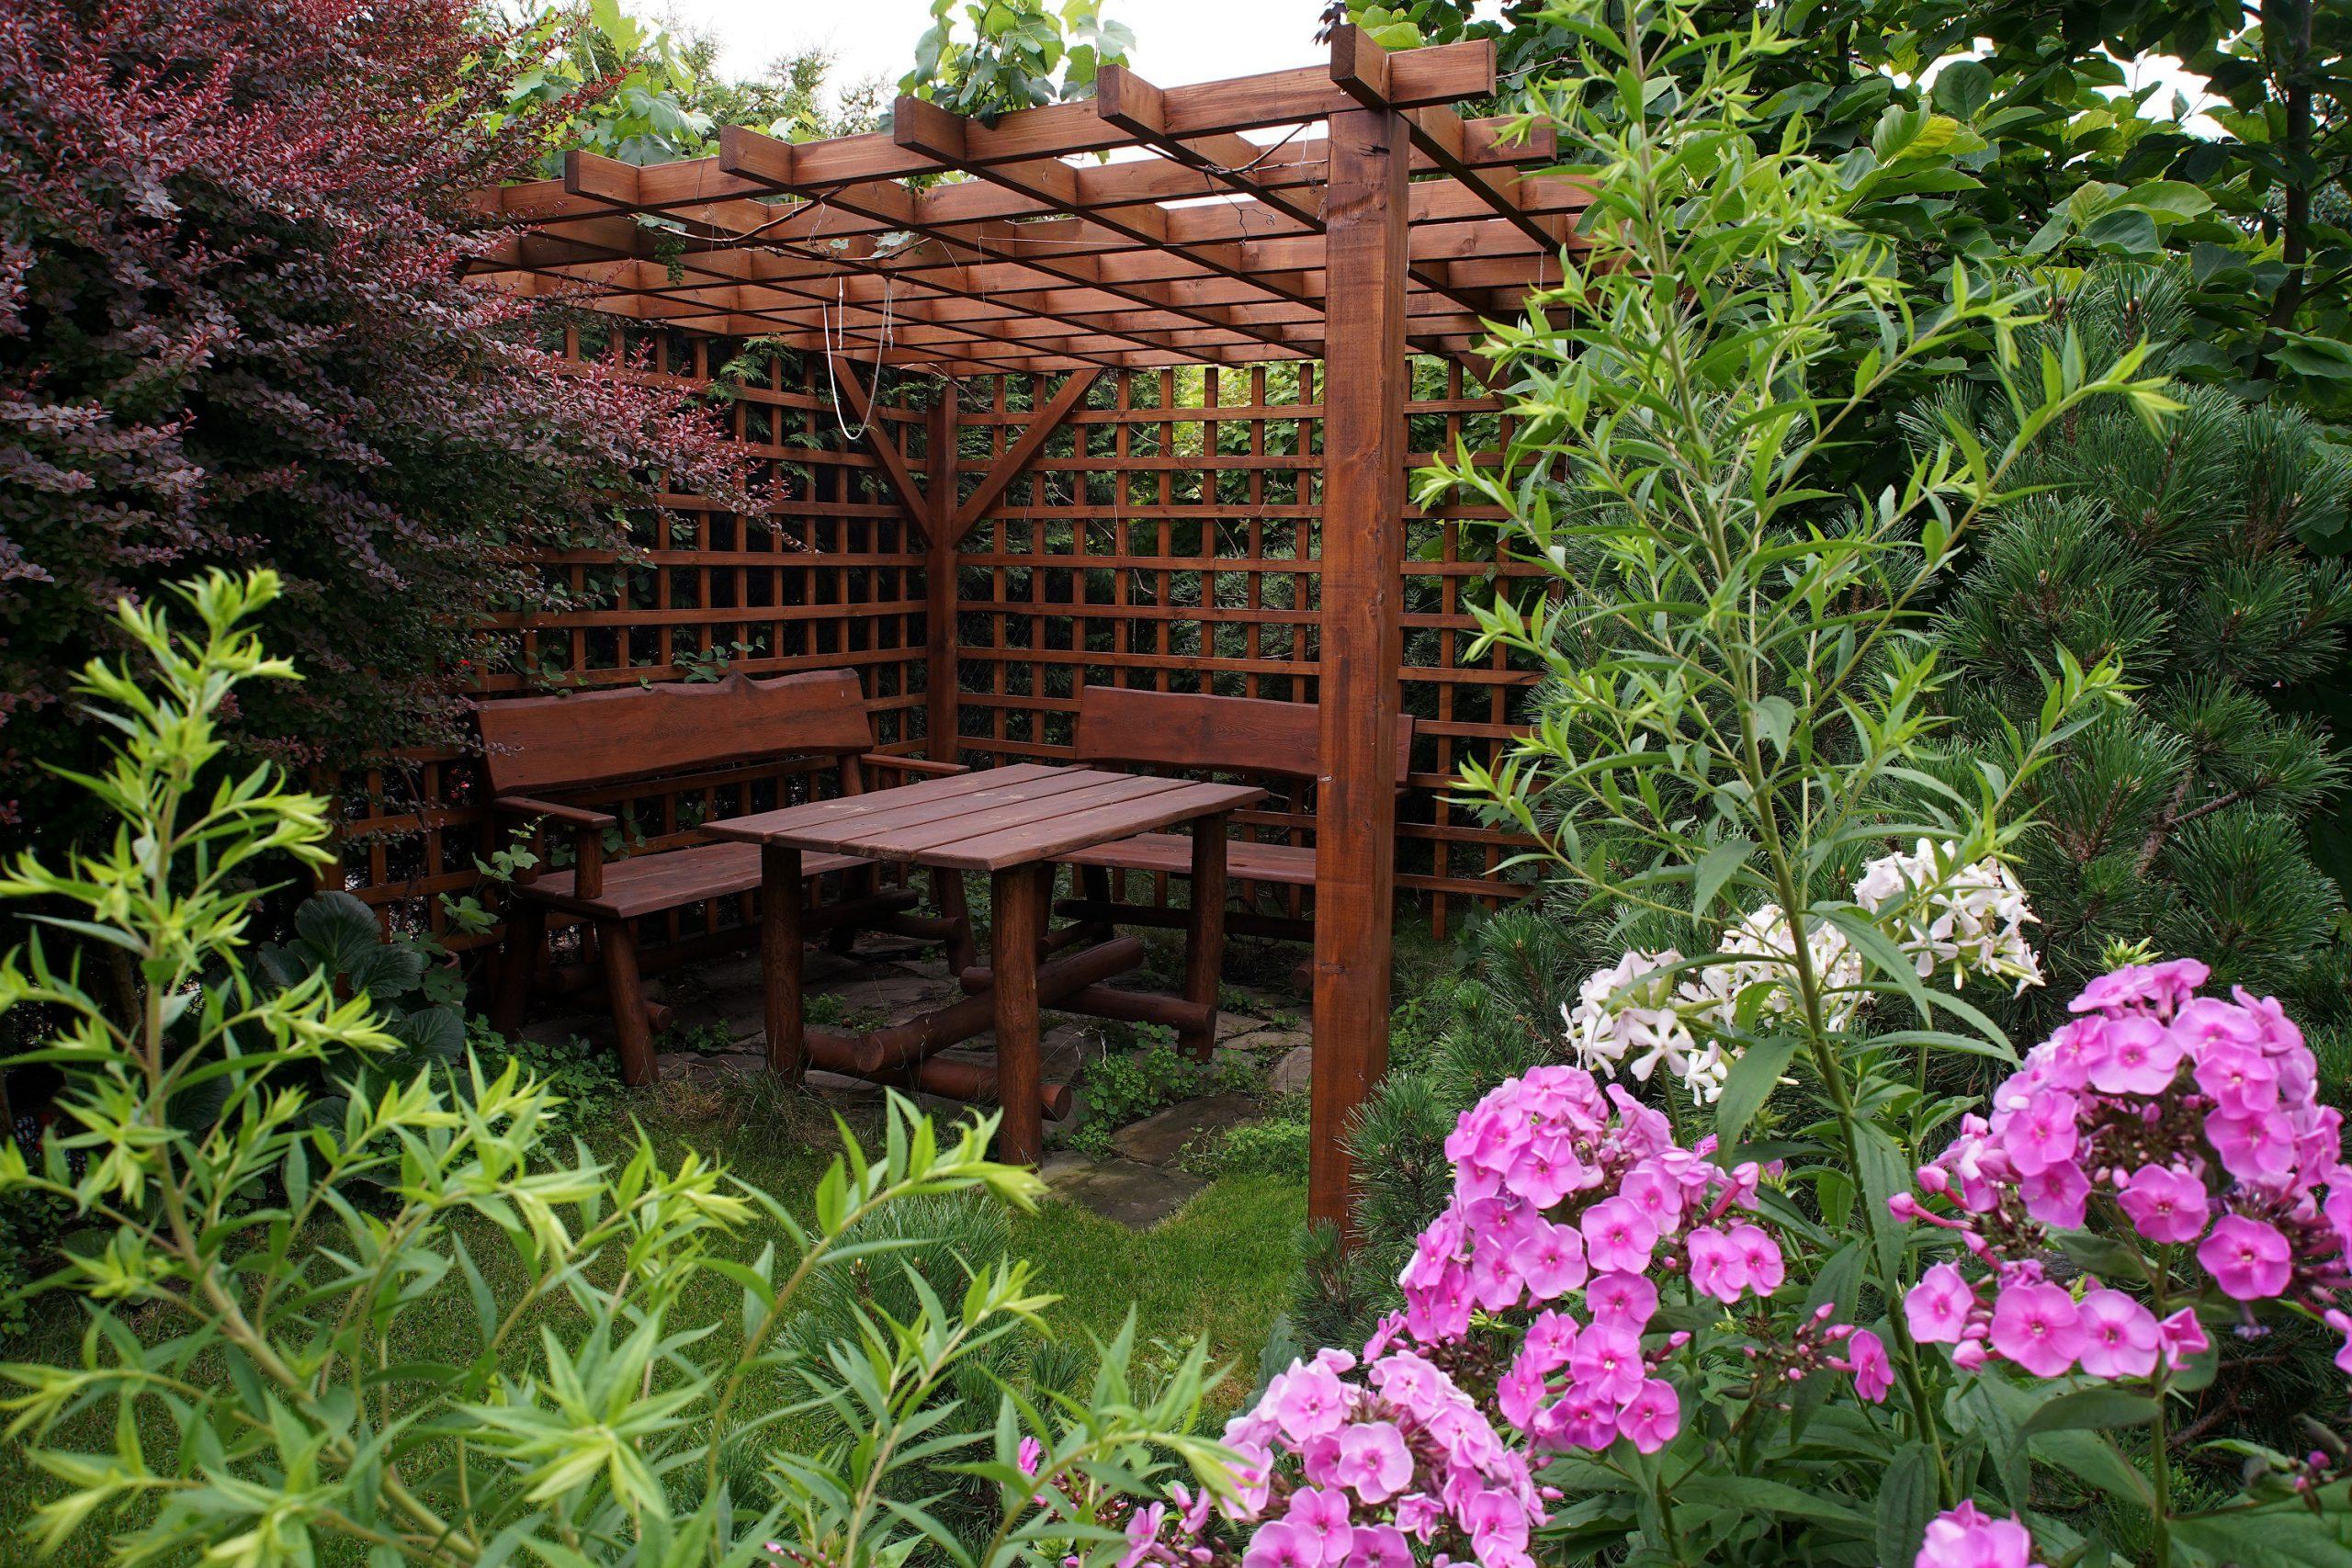 Drewniana altana ogrodowa w otoczeniu roślin i kwiatów